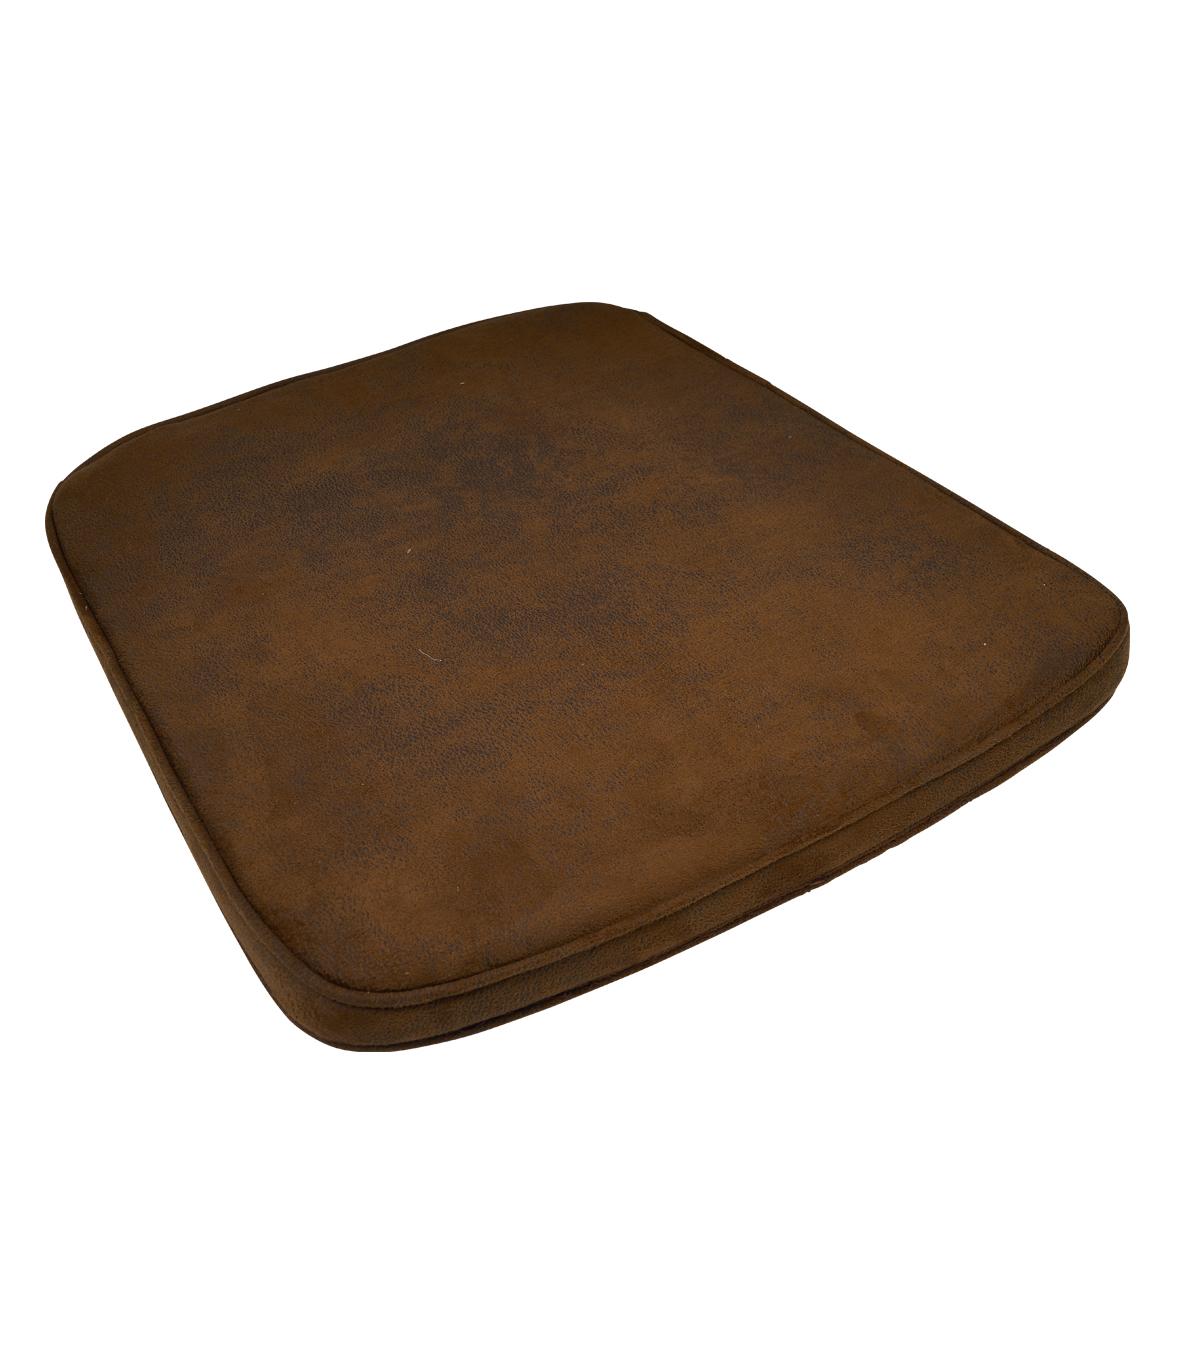 kussen bruin saddle rotan stoel 3504